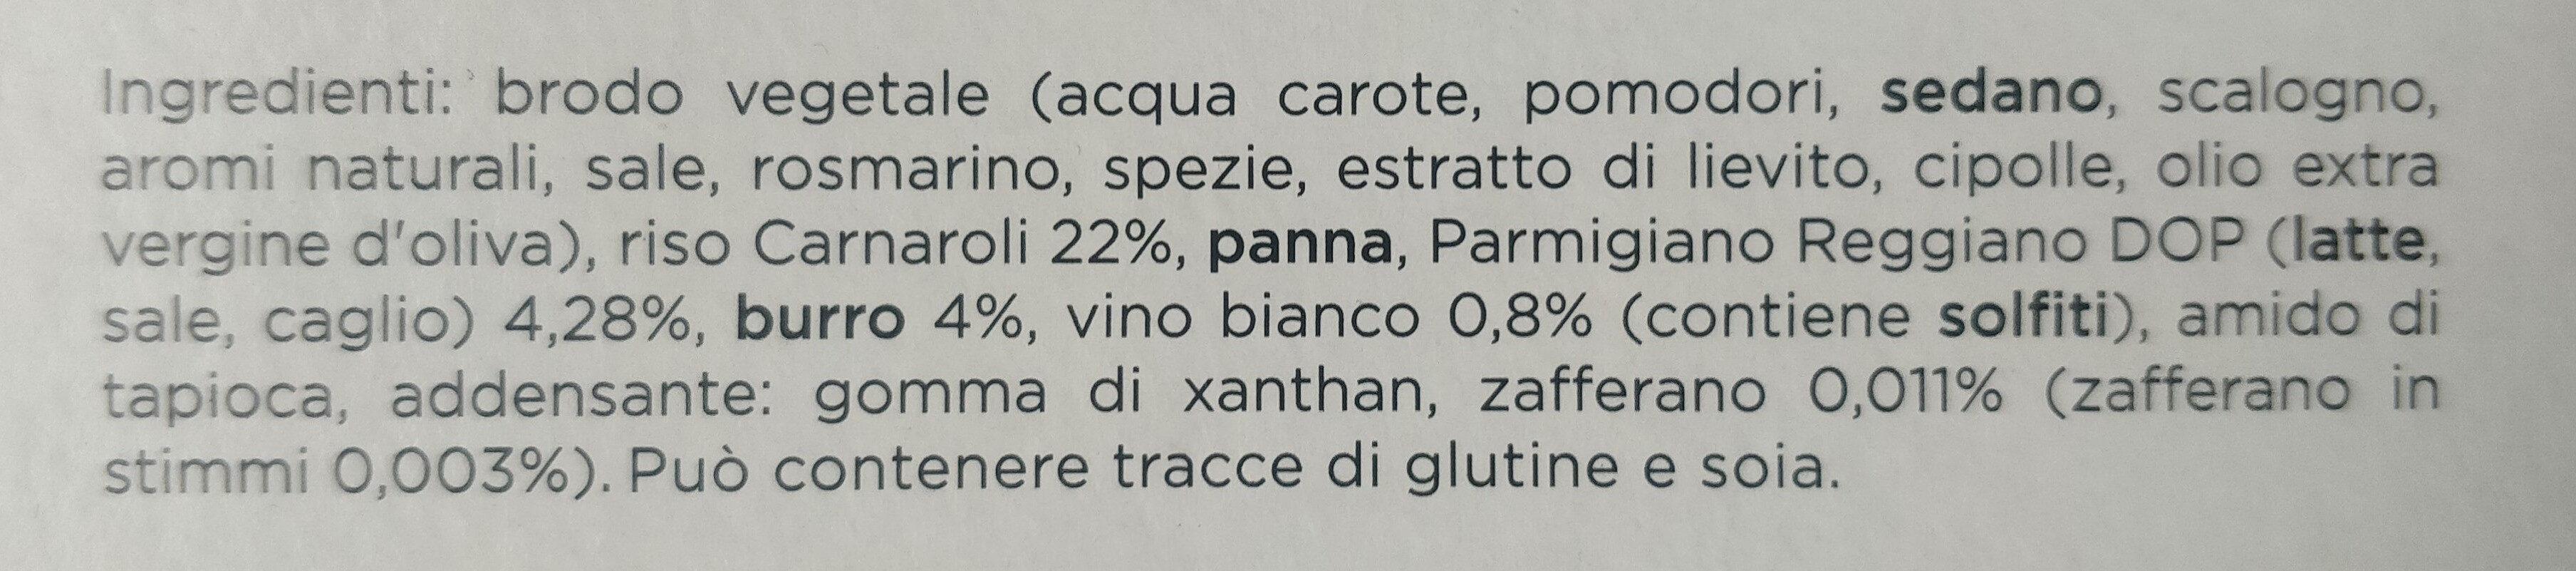 gran risotto mantecato all'onda allo zafferano - Ingredienti - it